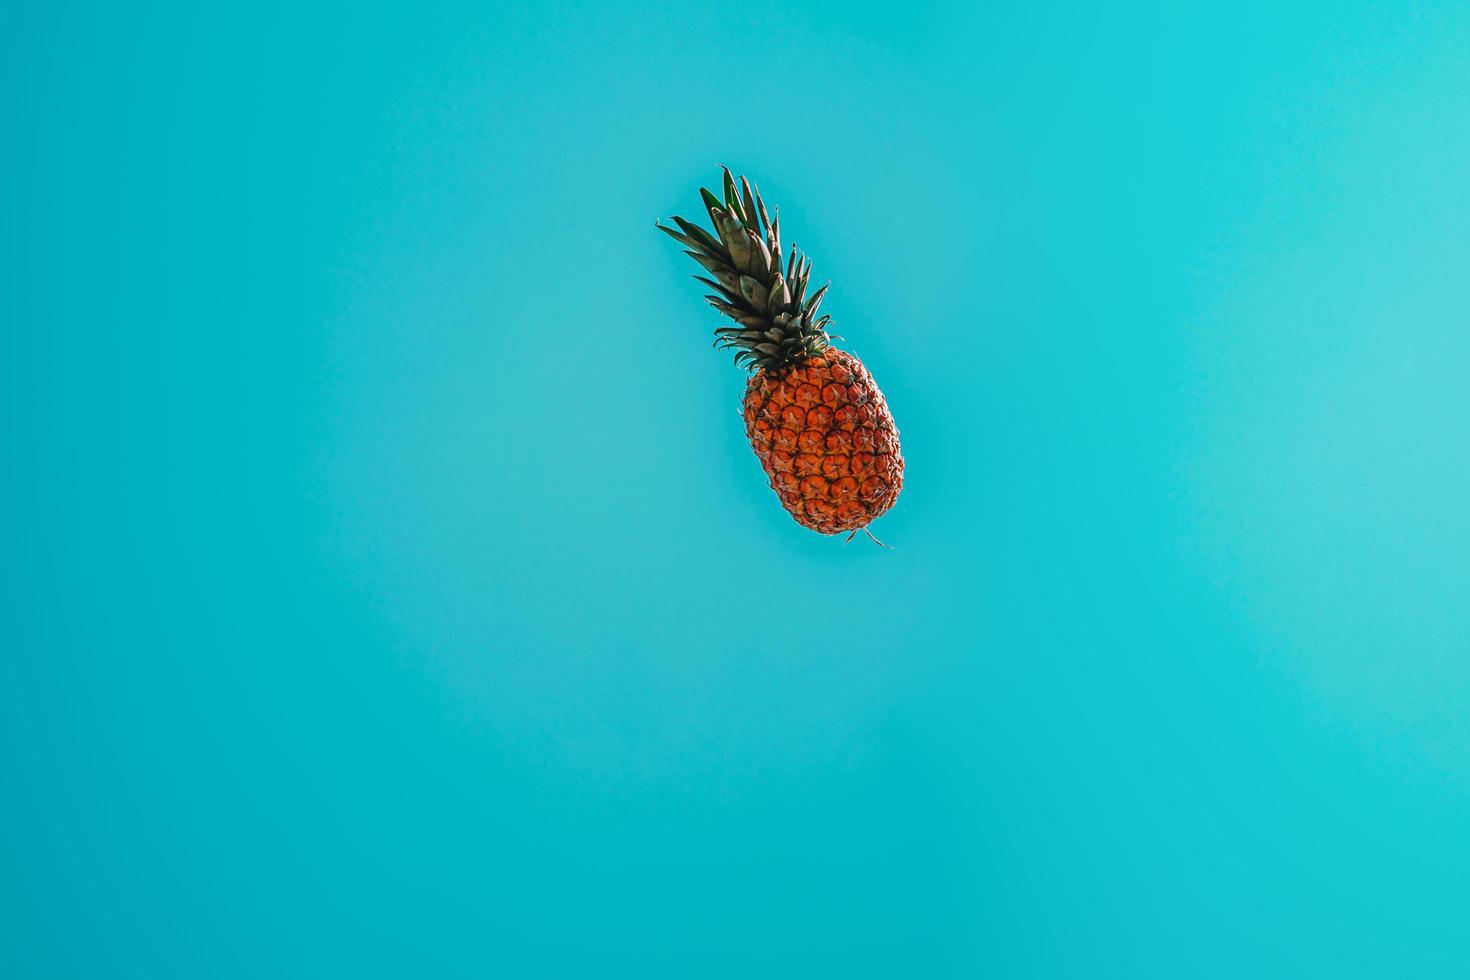 ananas volant dans le ciel photo